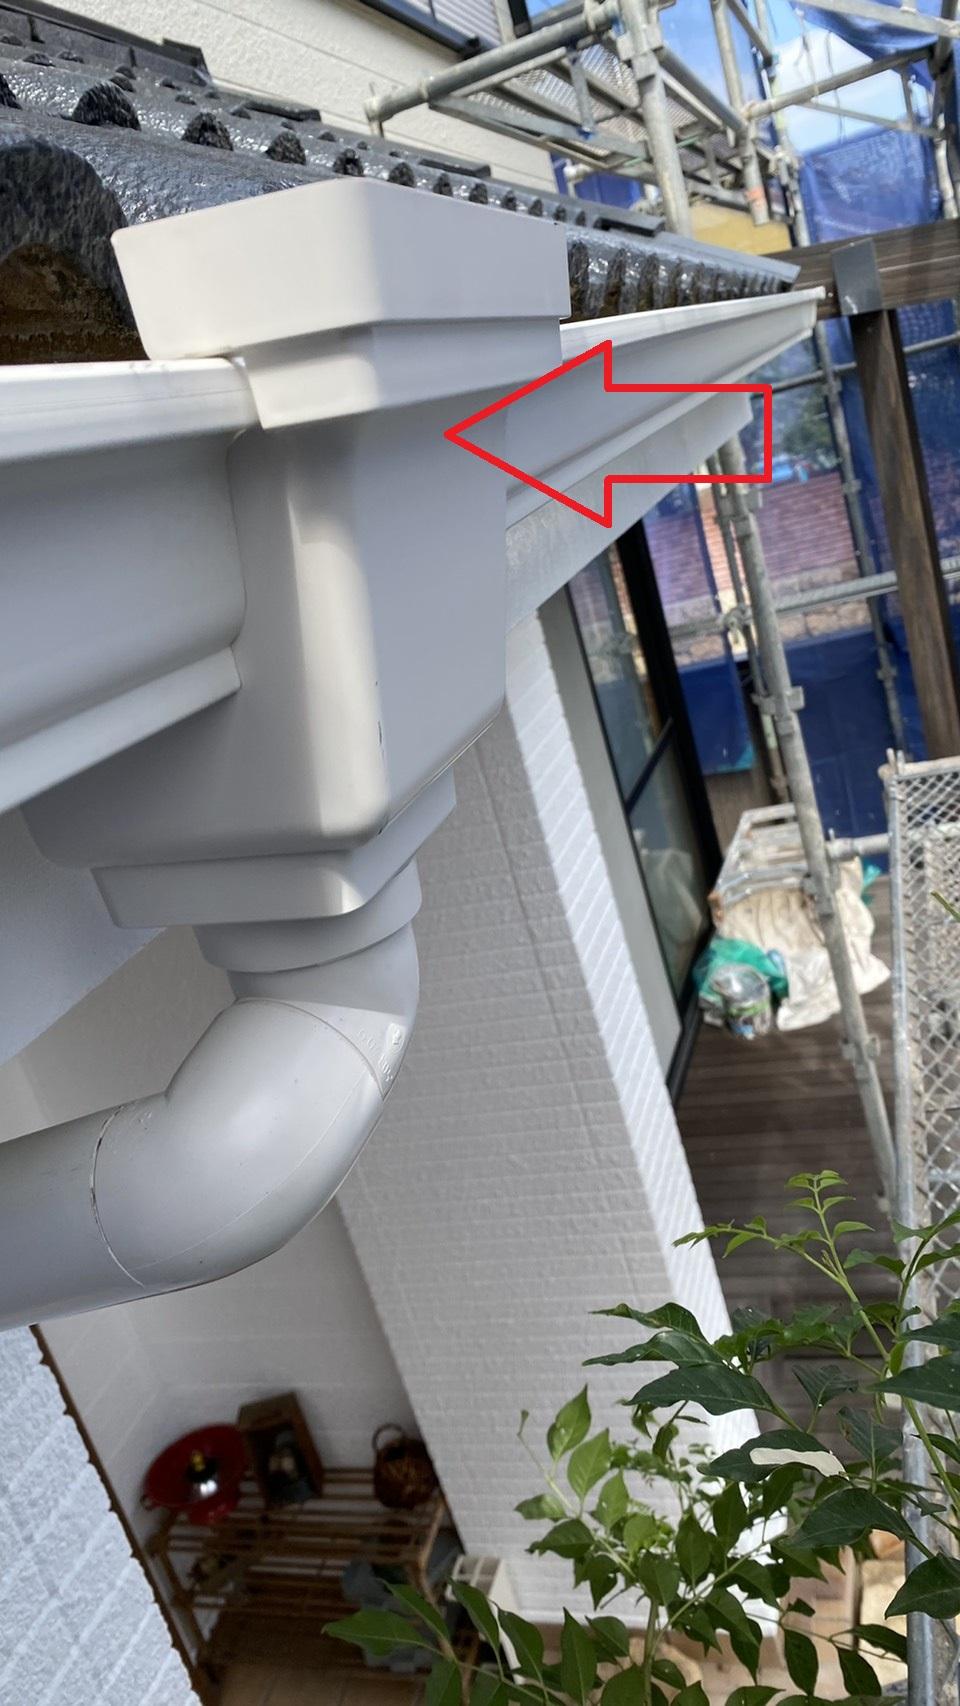 加古郡稲美町での雨樋修理で軒樋を取り付けた様子